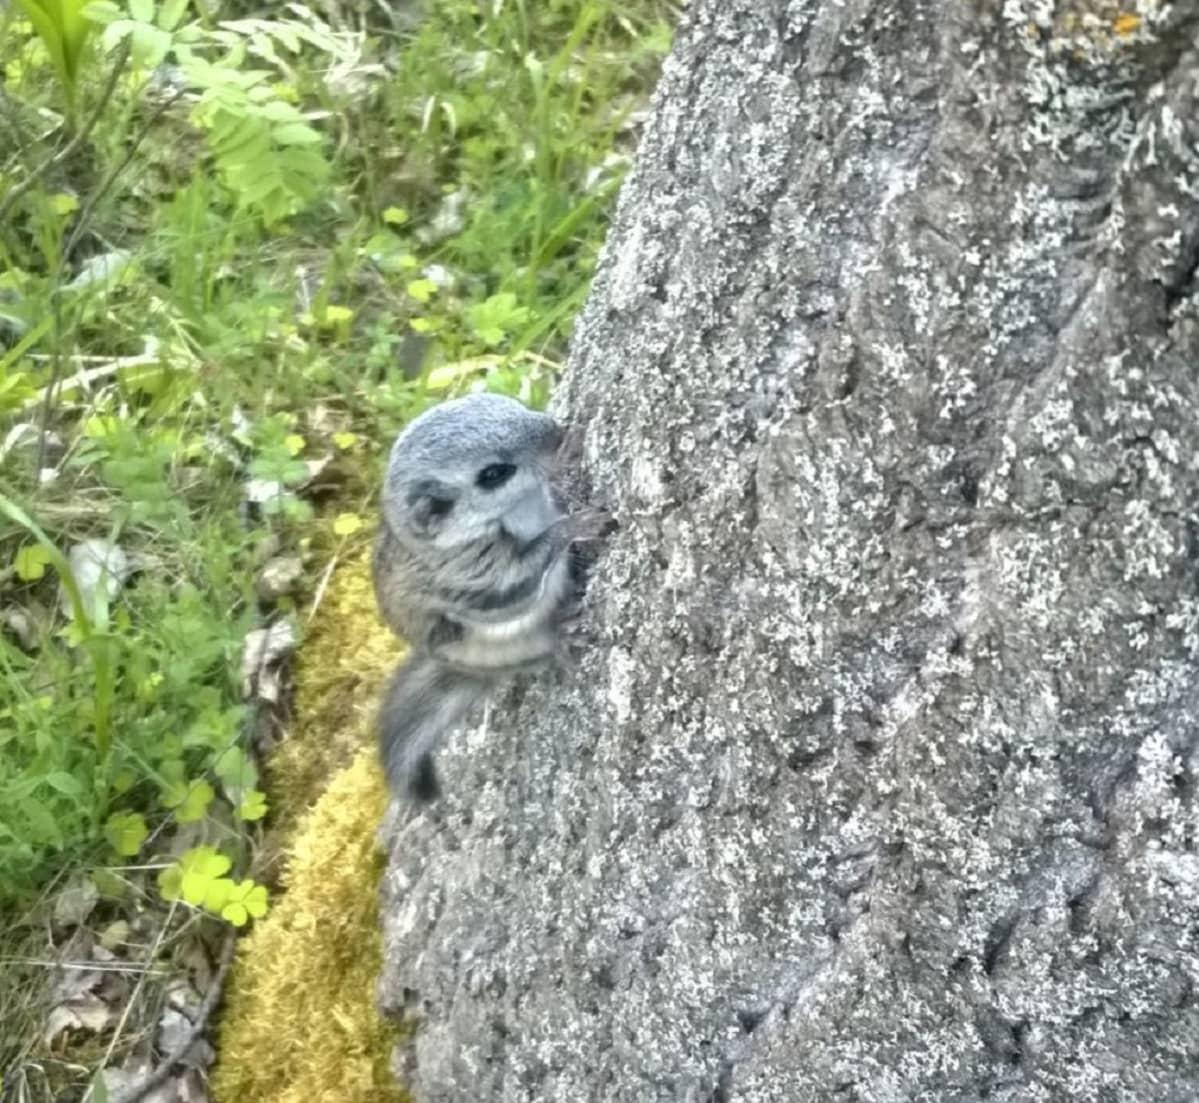 Kuvassa eksynyt liito-orava puunrunkoa pitkin kiipeämässä